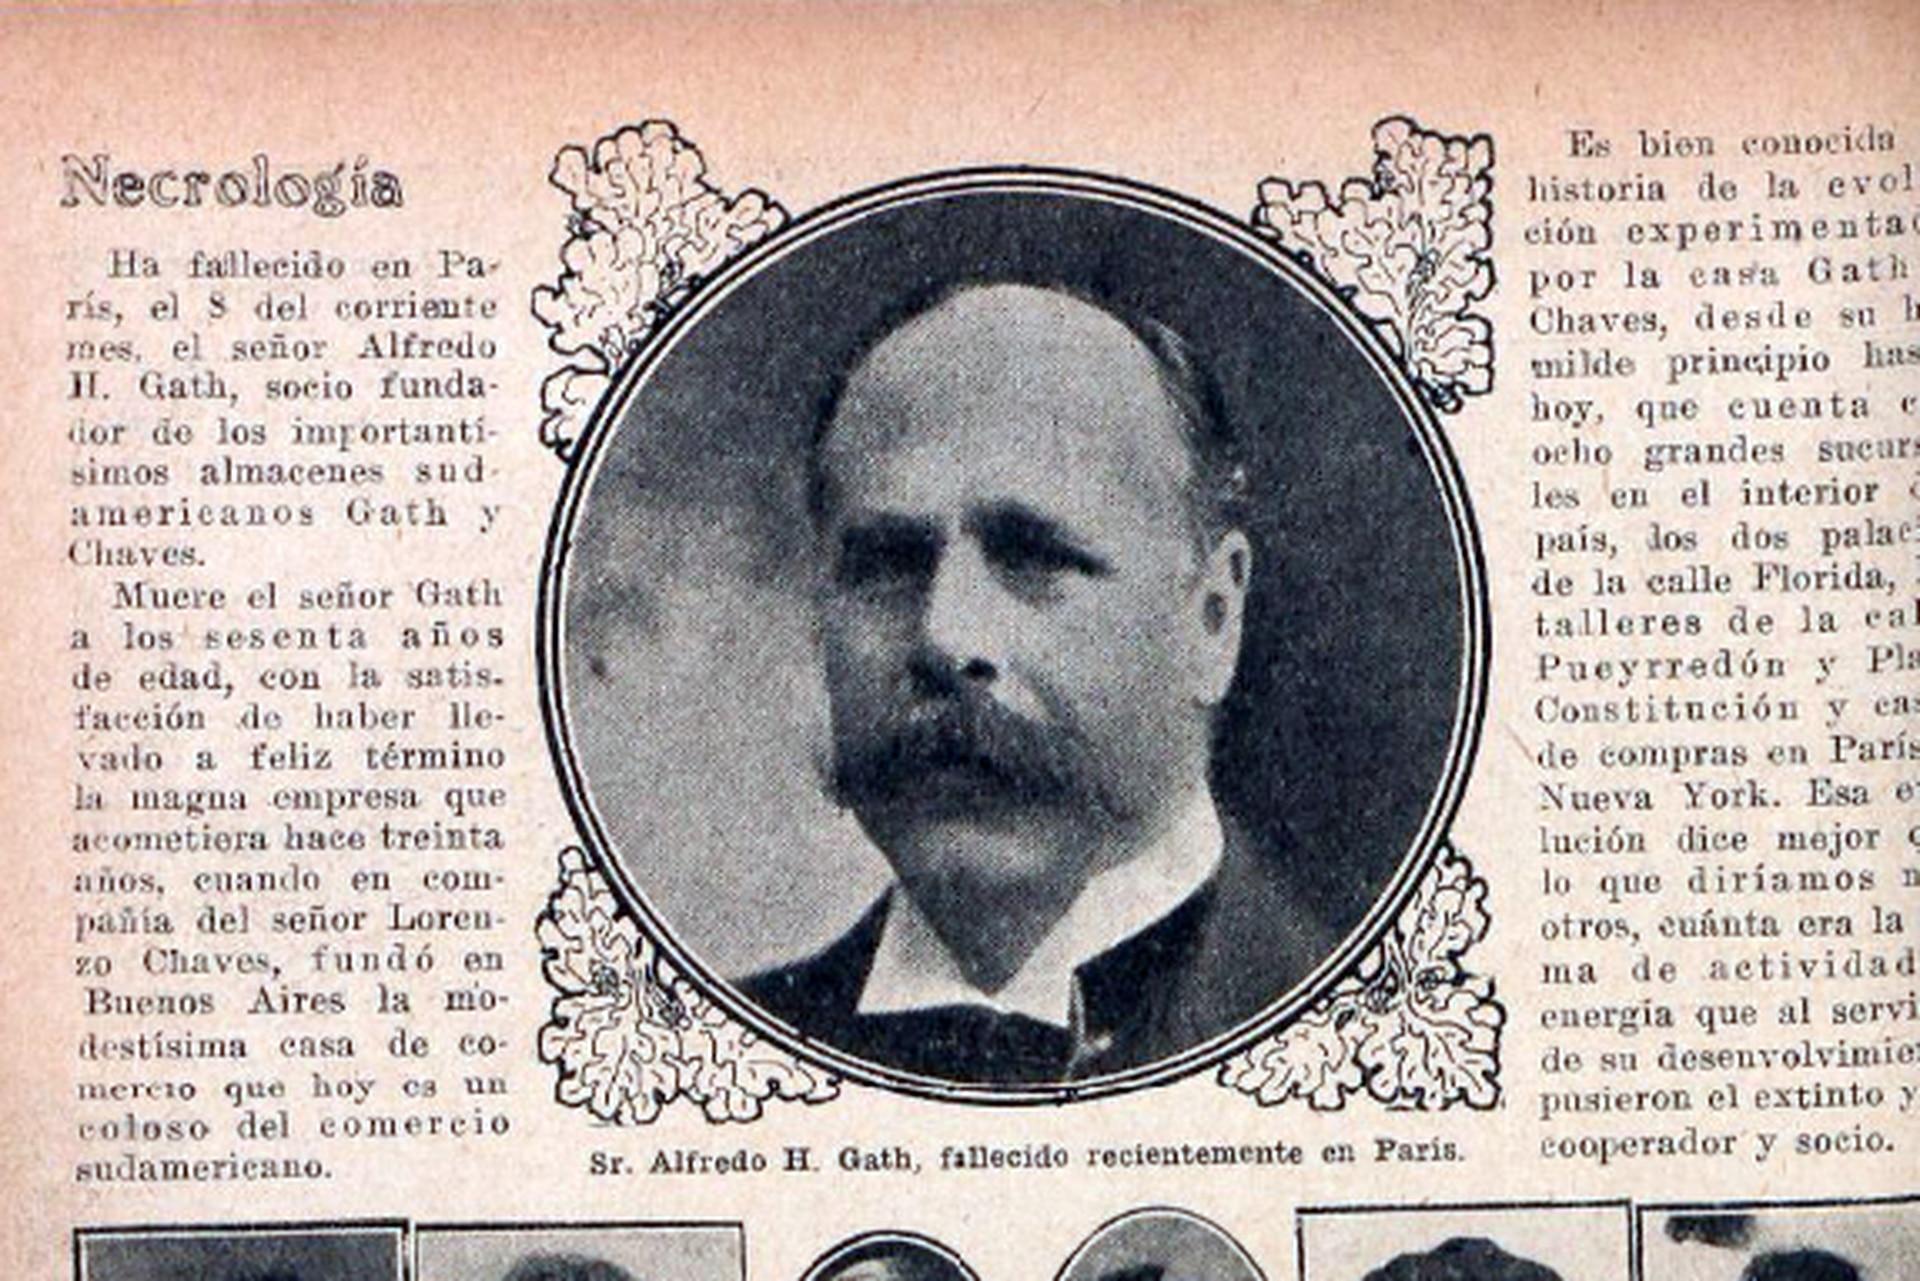 La necrológica en Fray Mocho en diciembre de 1916. Varios medios informaron que murió en París, pero según los familiares y los datos del cementerio de la Recoleta, sus restos llegaron desde Suiza.